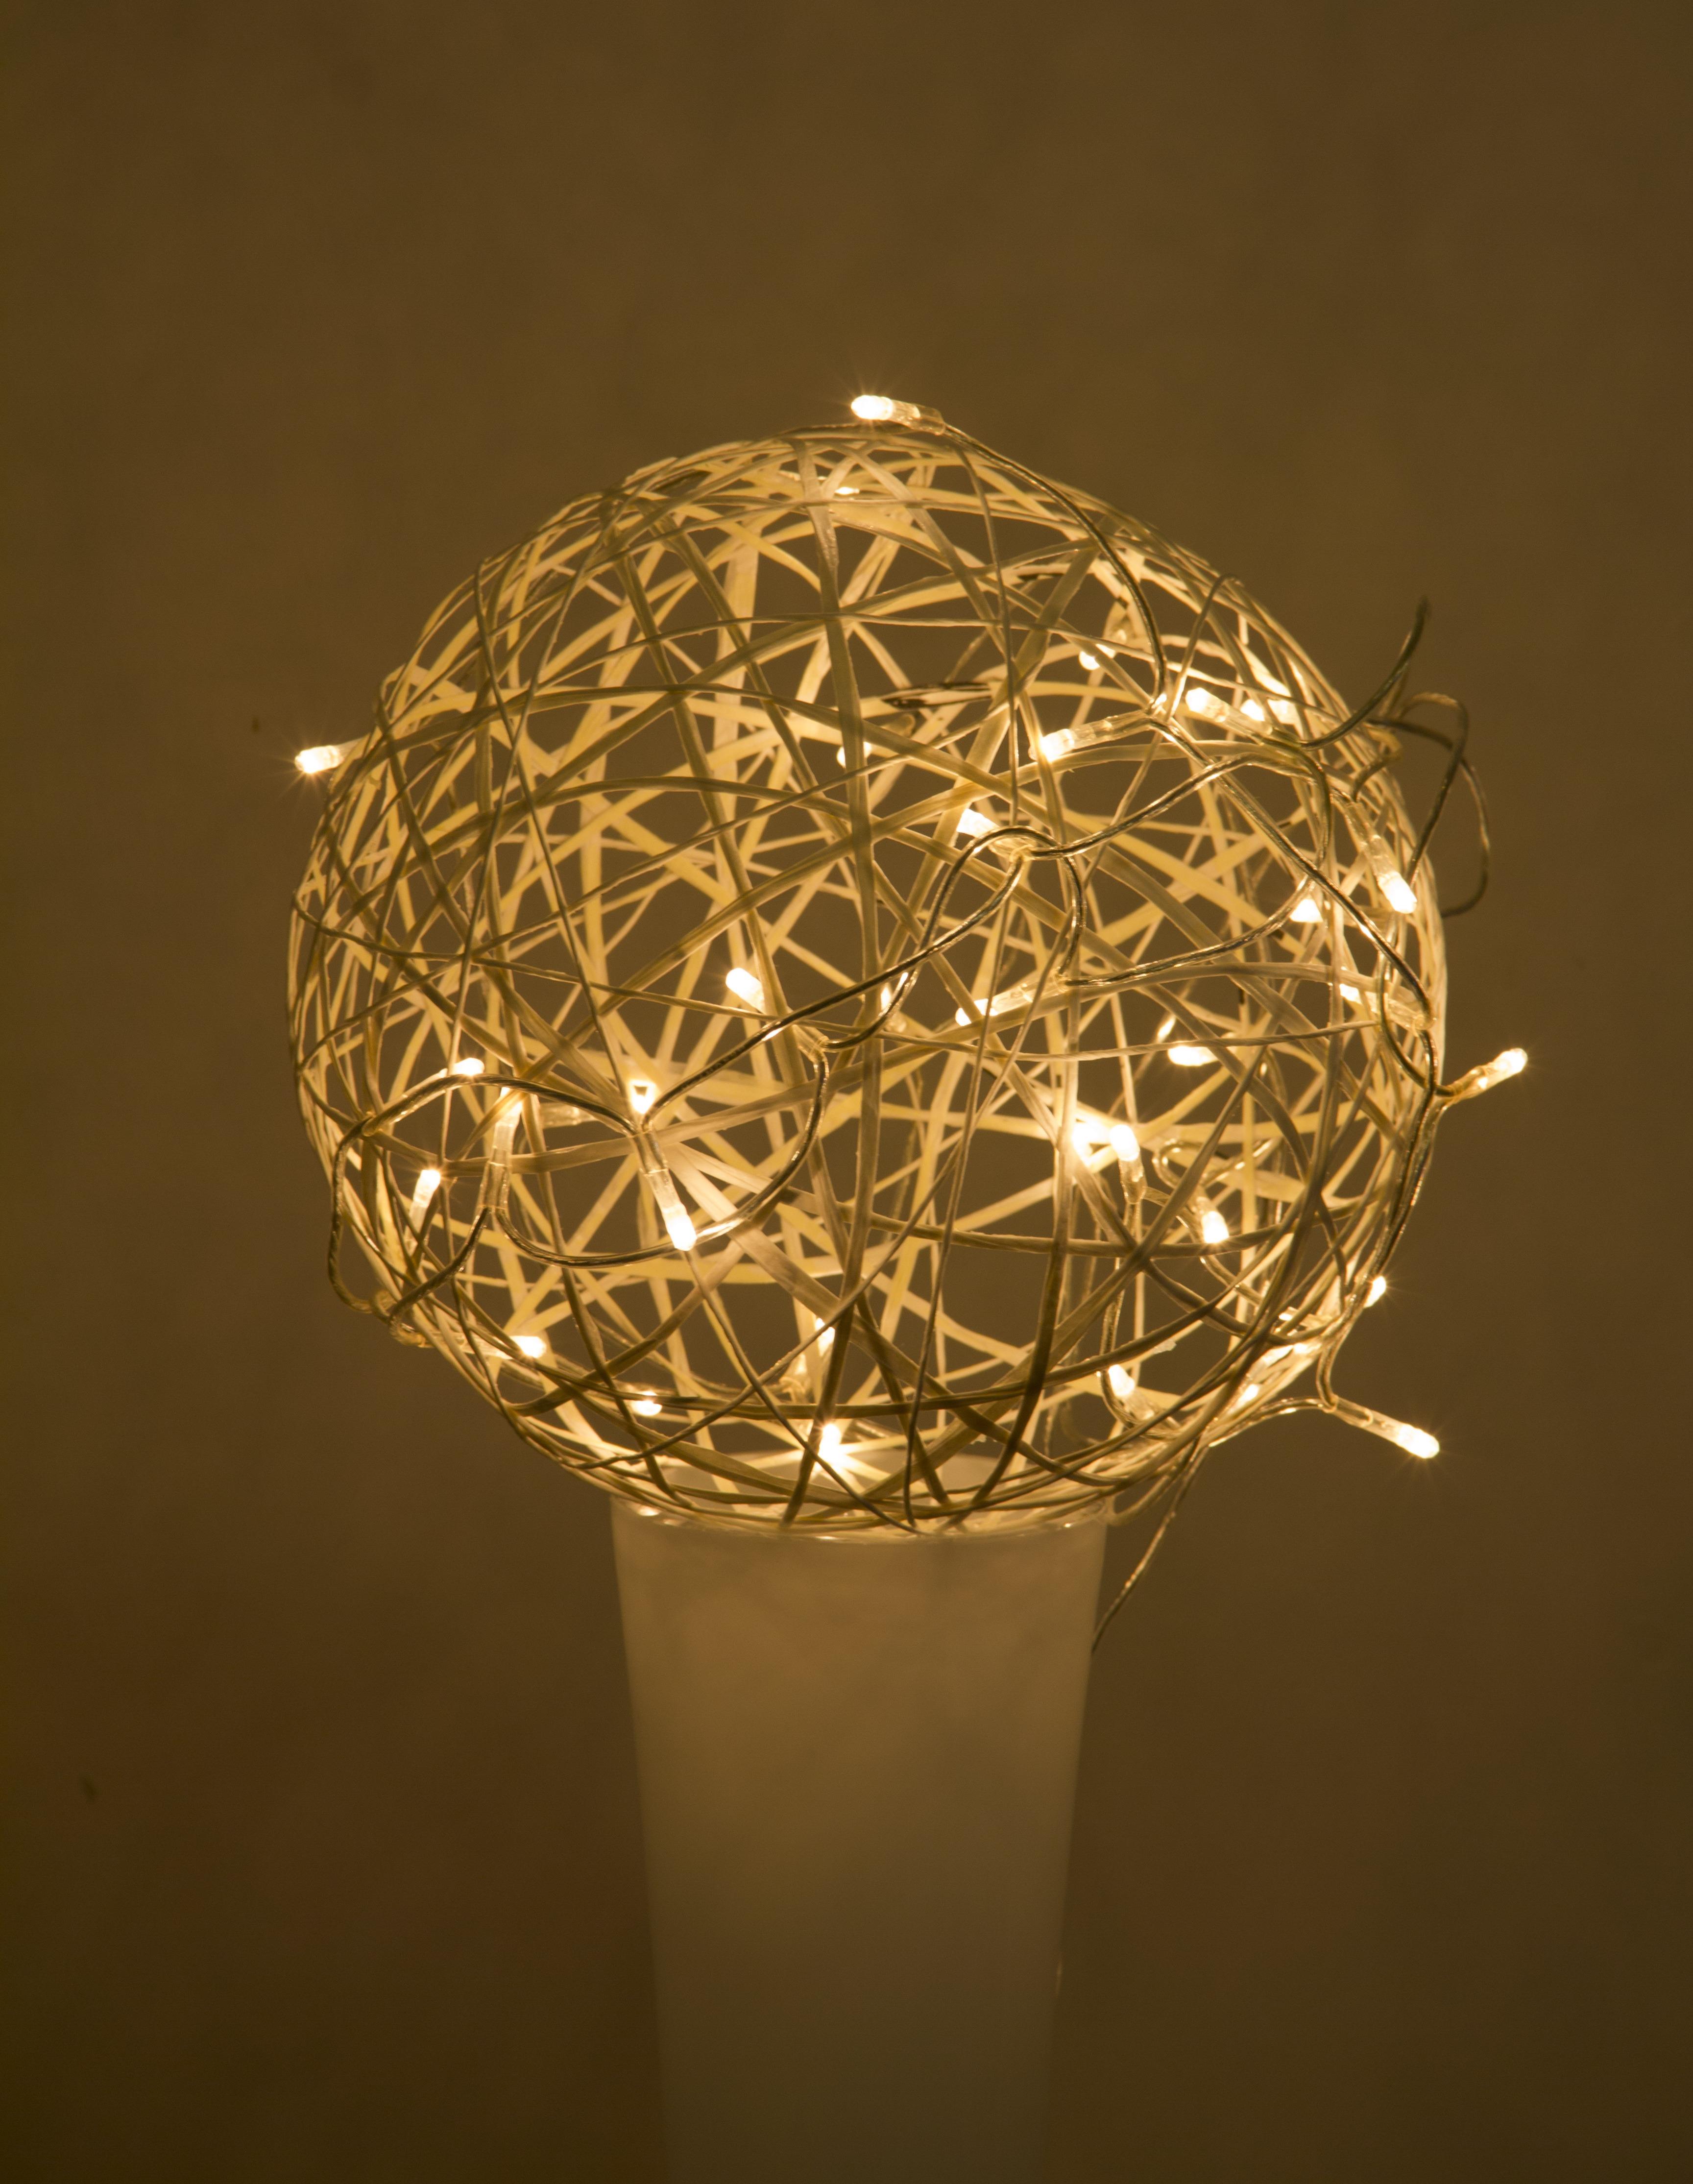 Images Gratuites Faisceau Plafond Lampe Jaune Clairage D Cor